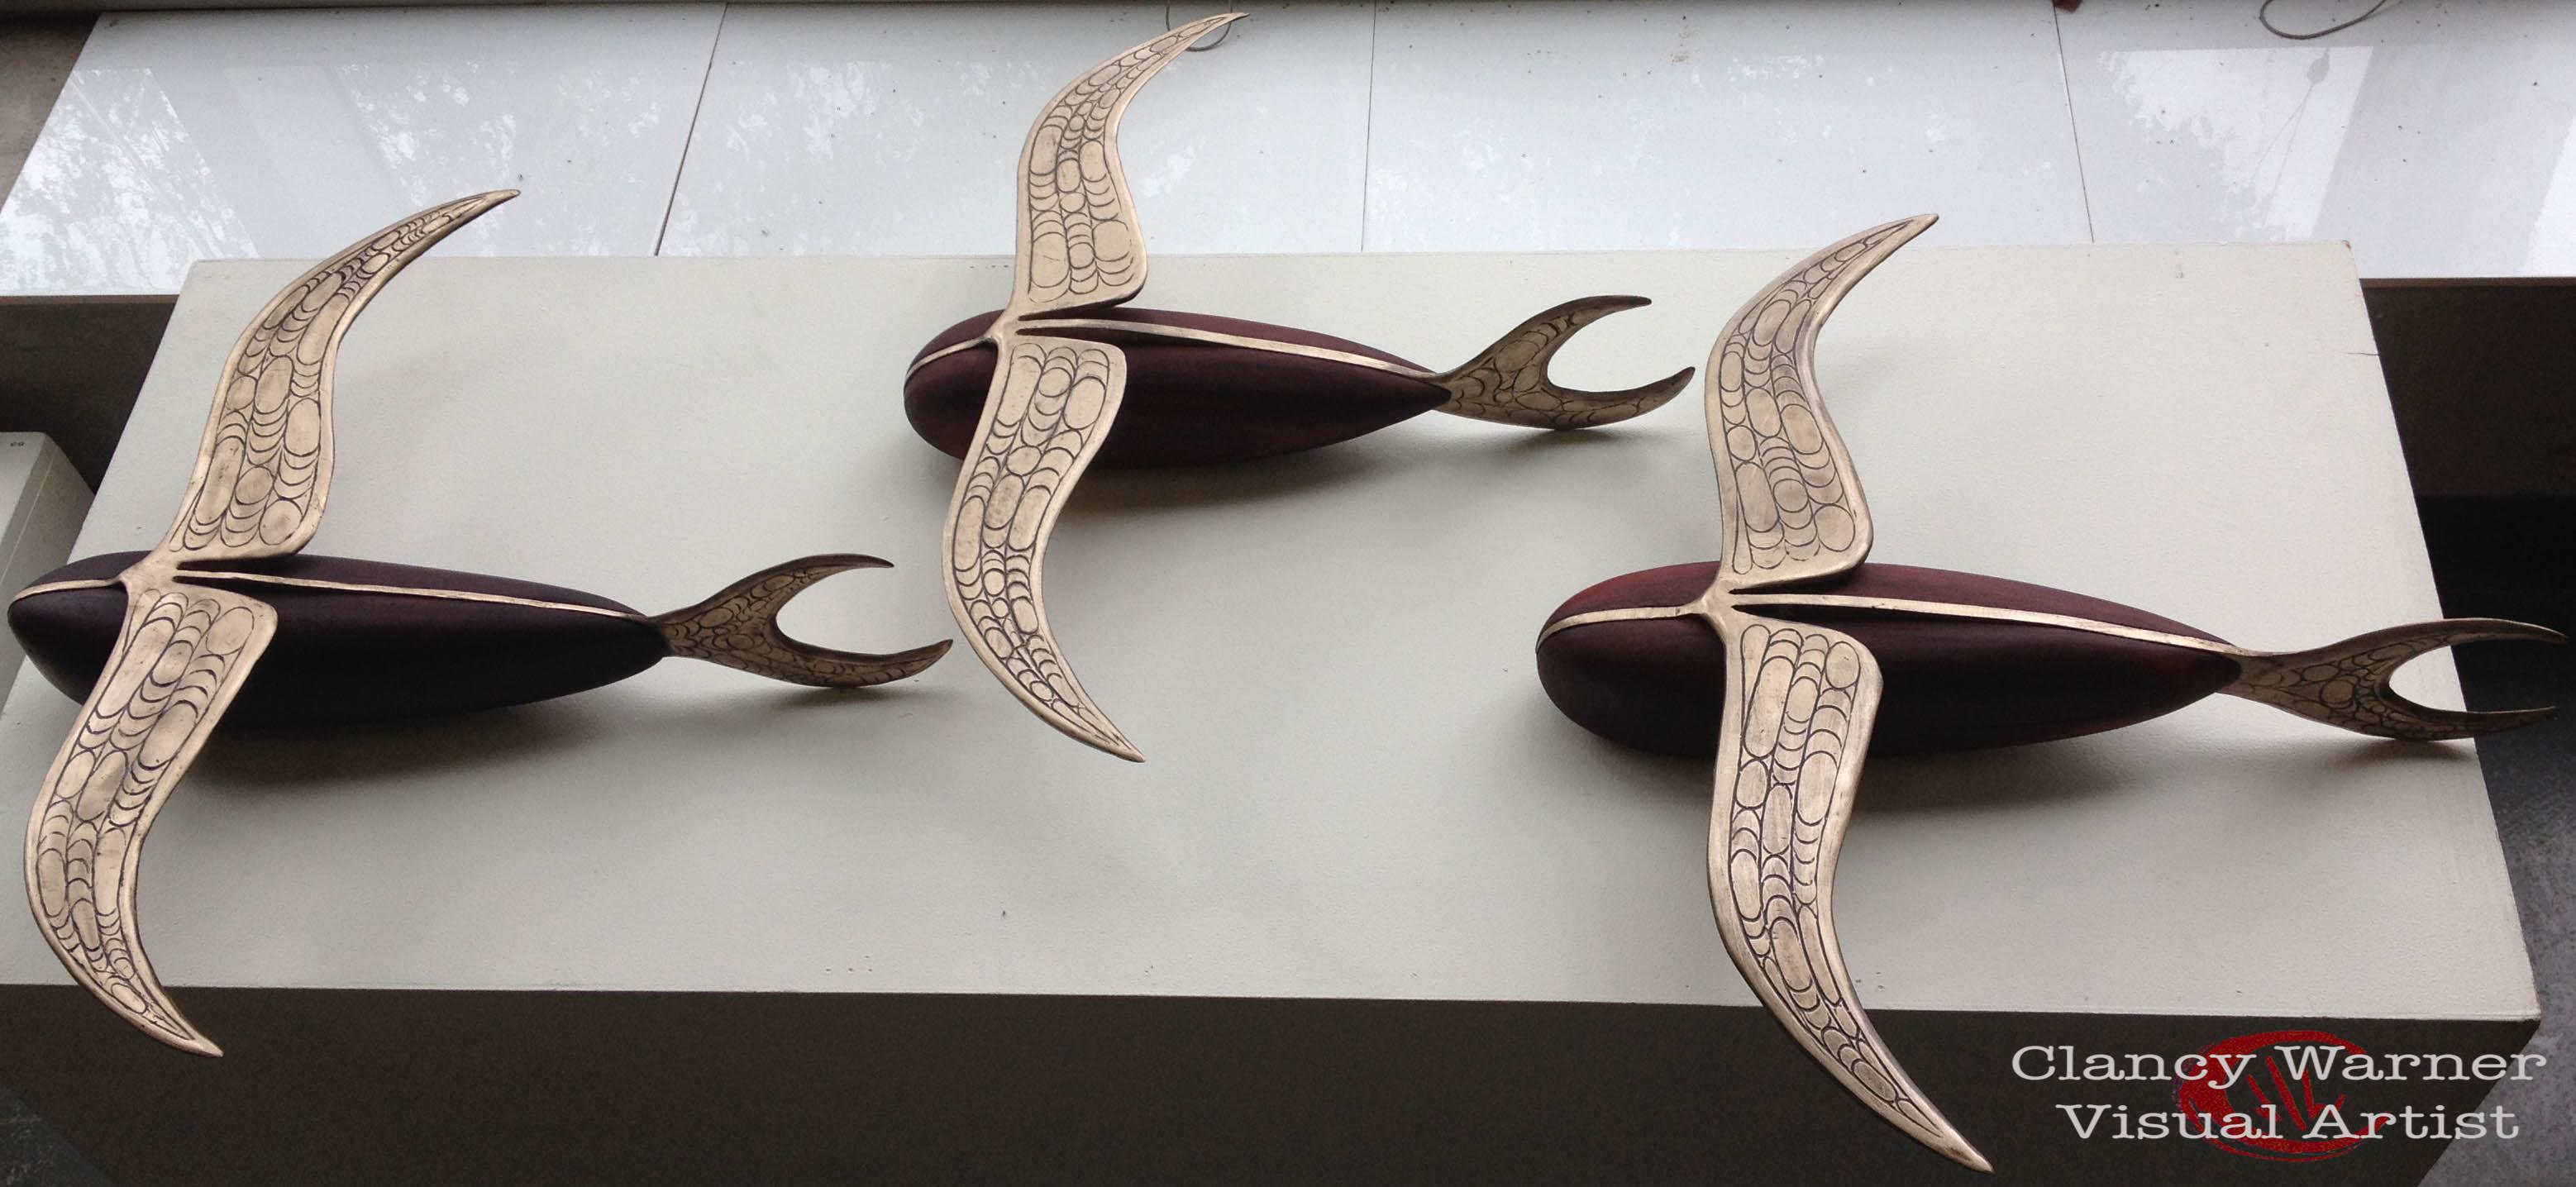 Flying Fish: The Elders (detail)